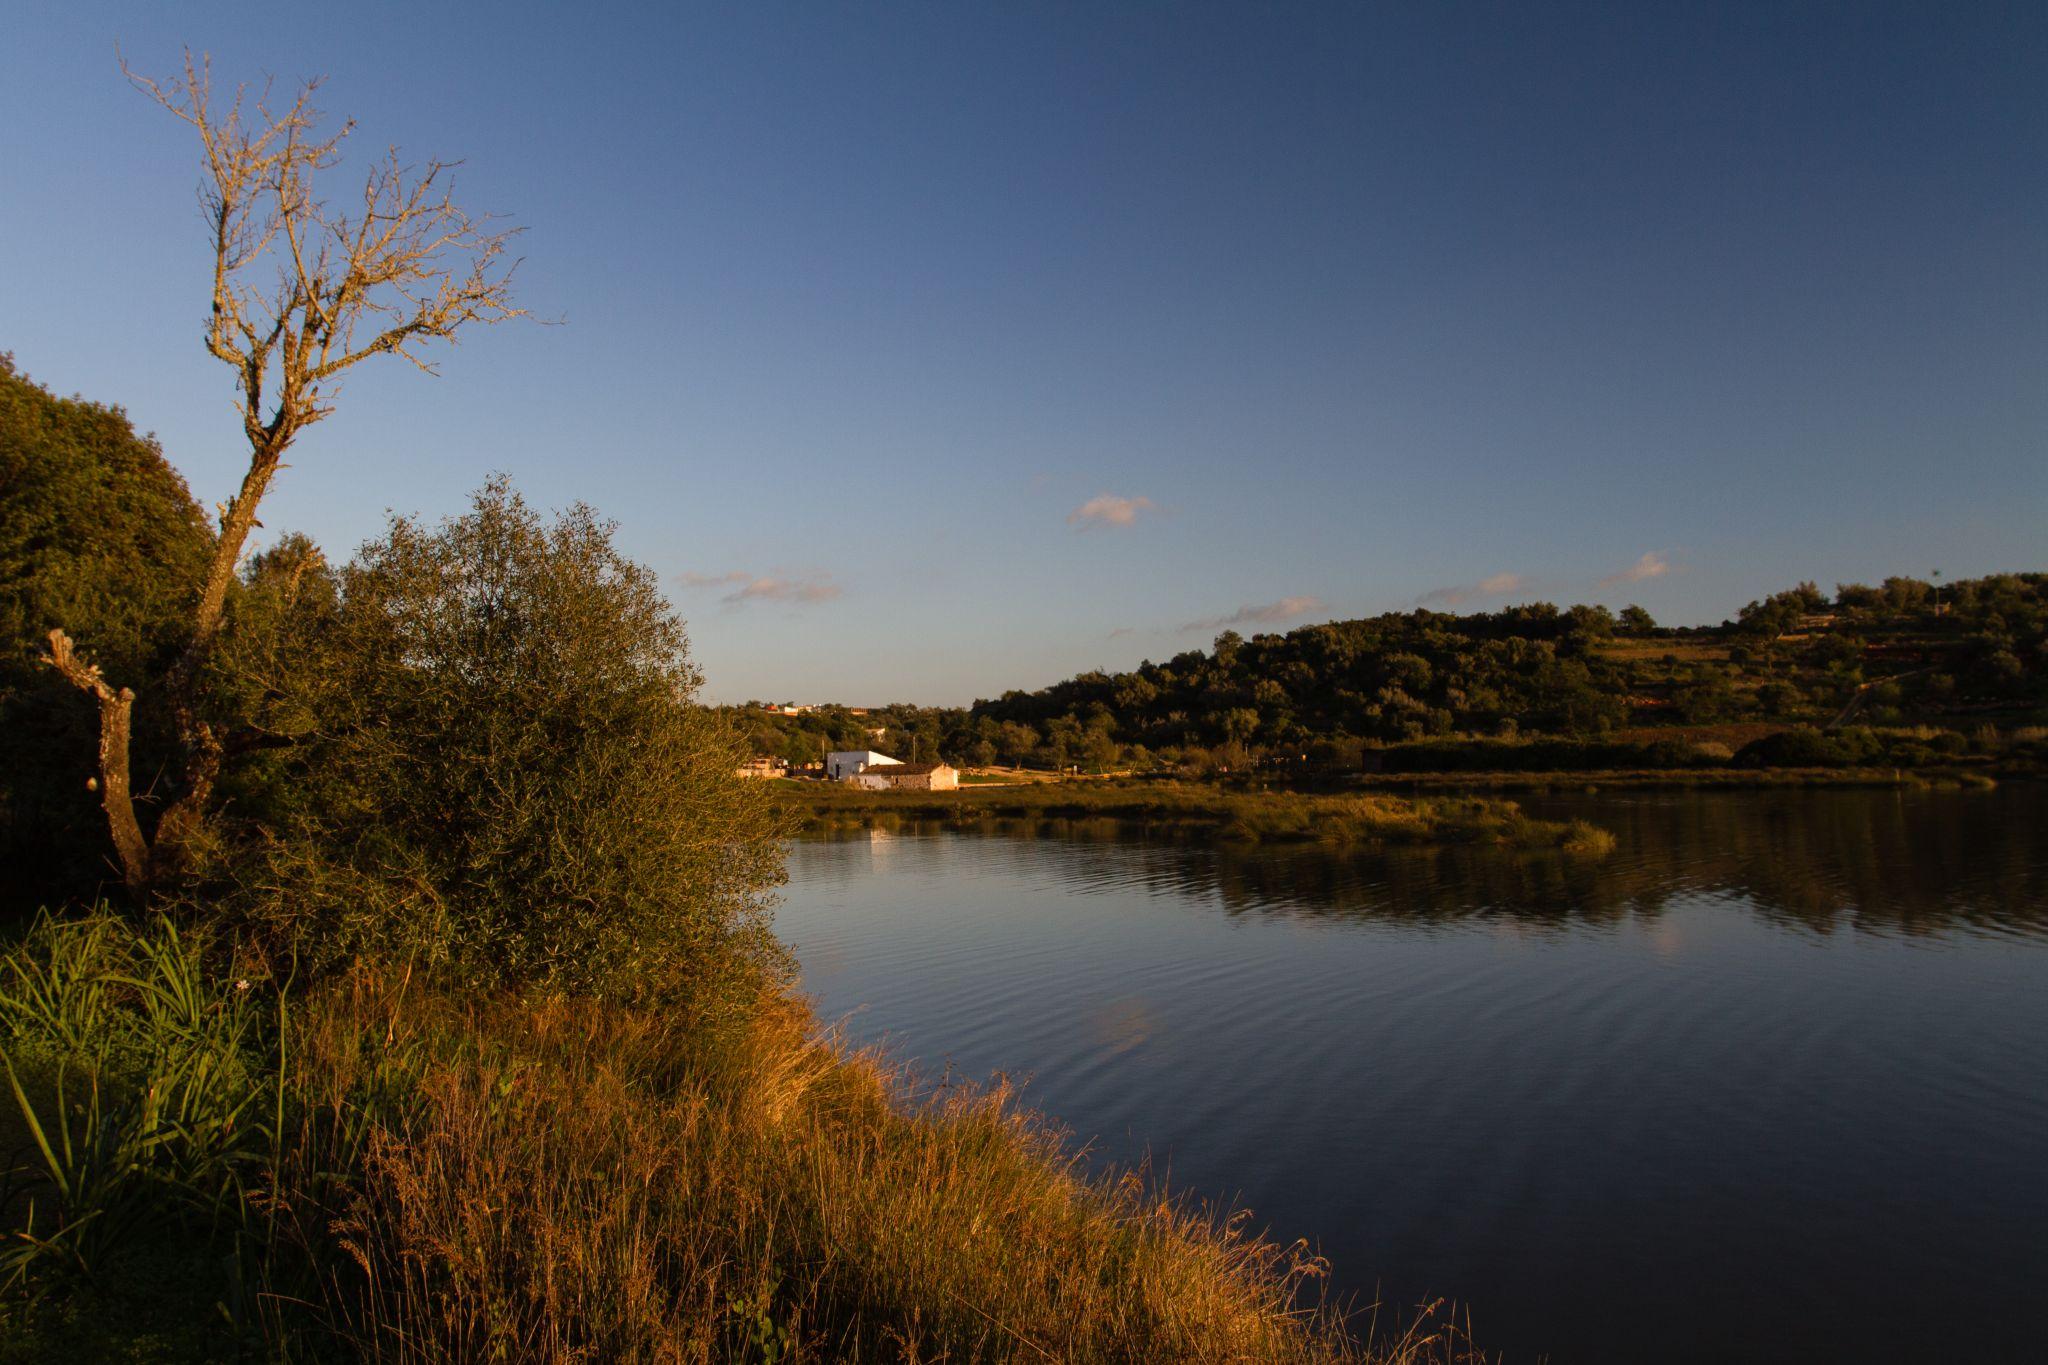 Sitio das Fontes, Portugal